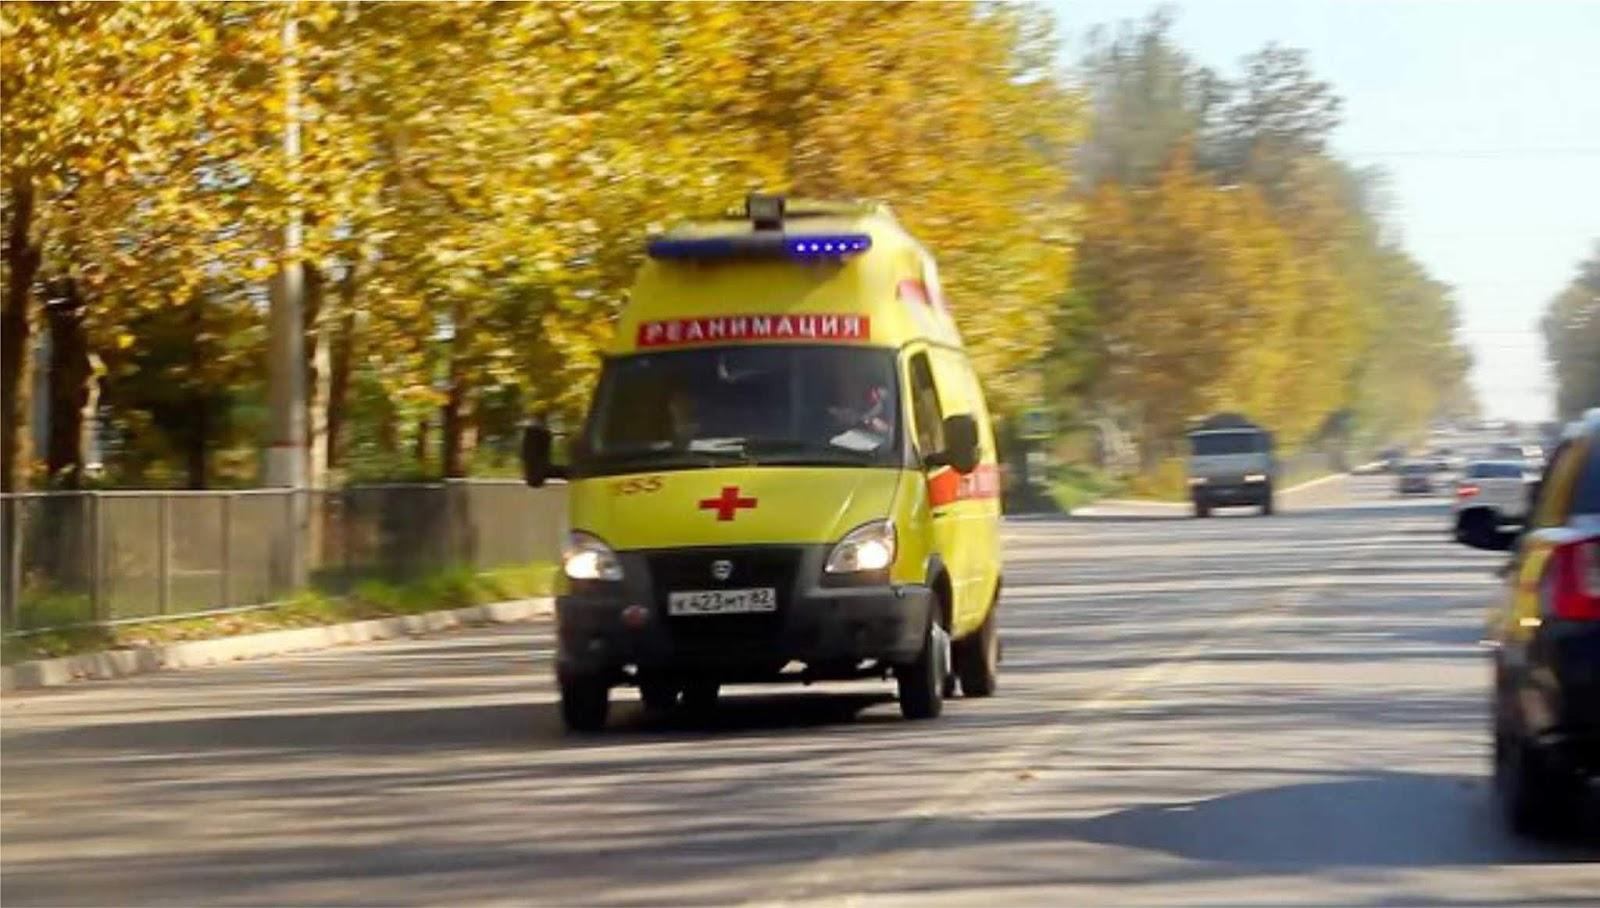 Serangan perguruan tinggi Krimea menewaskan sedikitnya 19 orang, melukai 50 lainnya